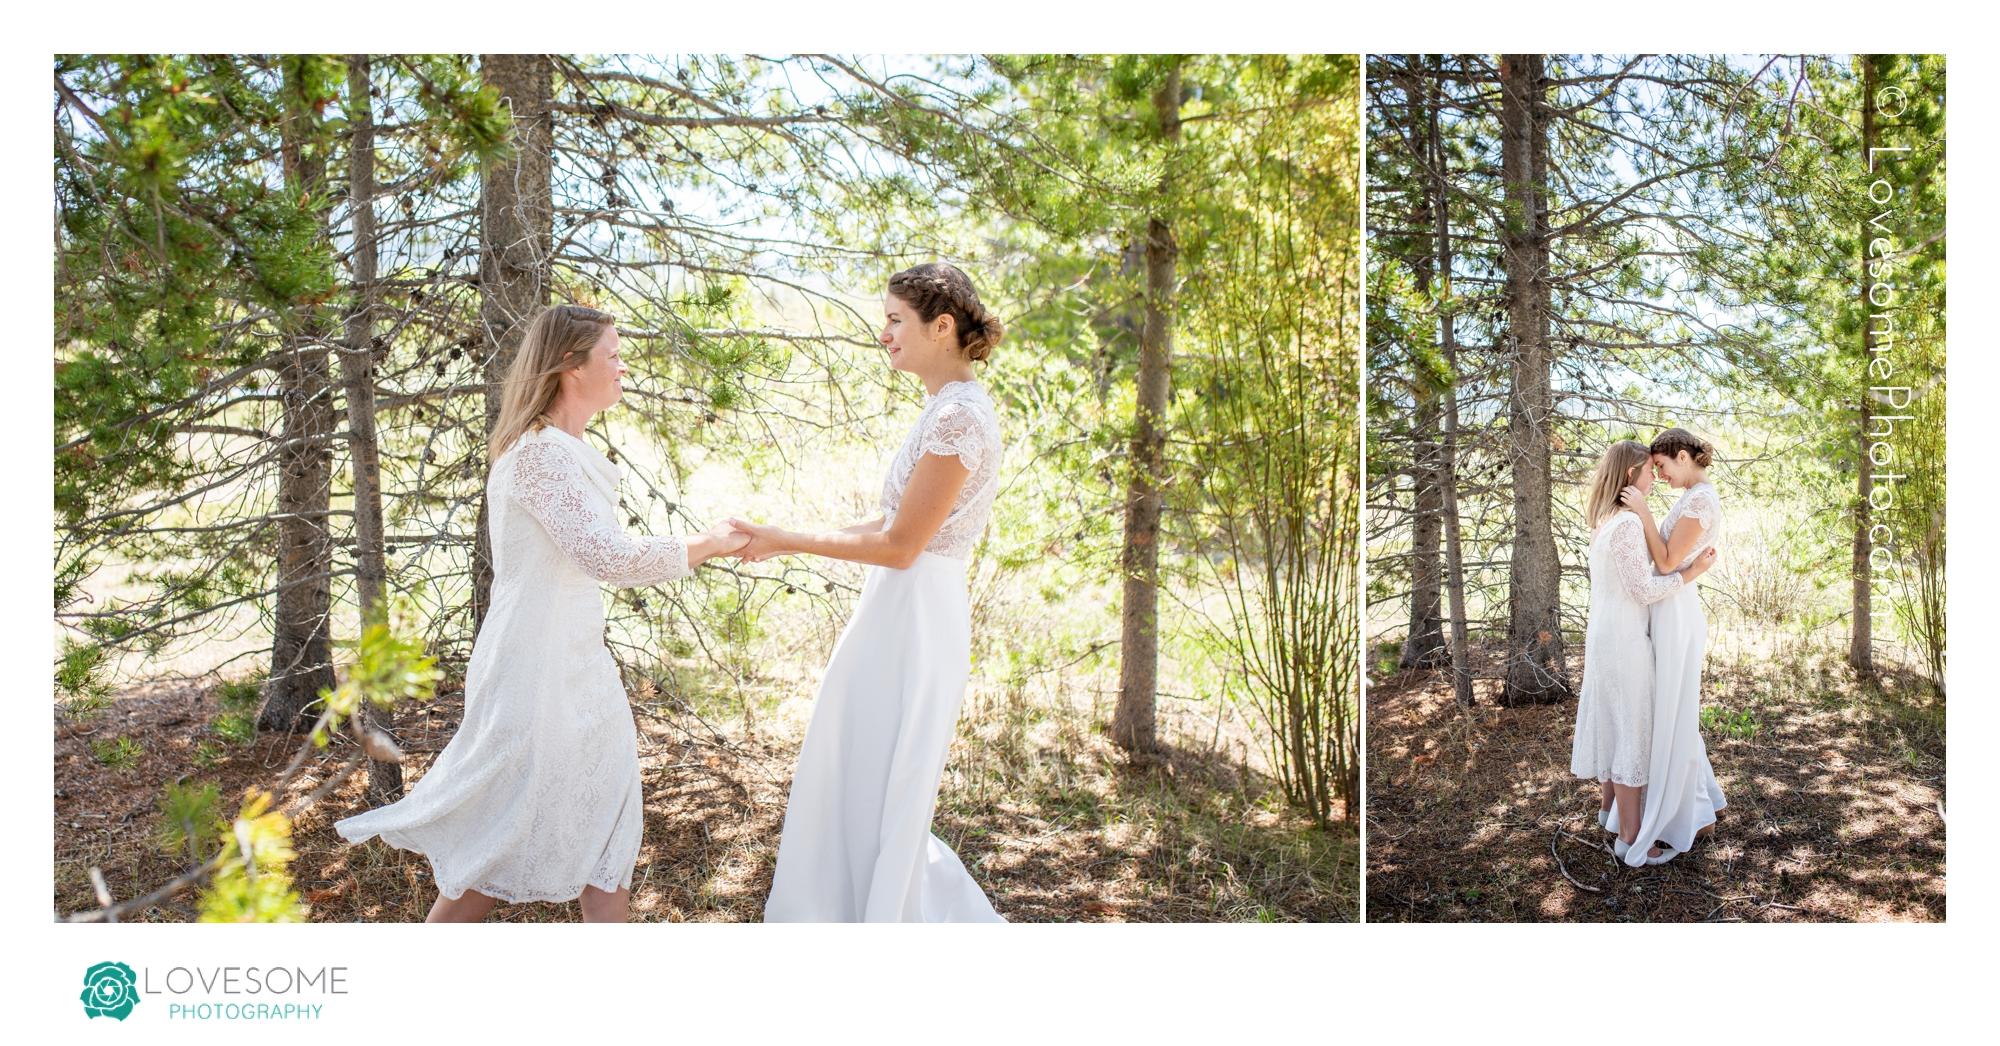 Sarah & Sarah Blog 1.jpg